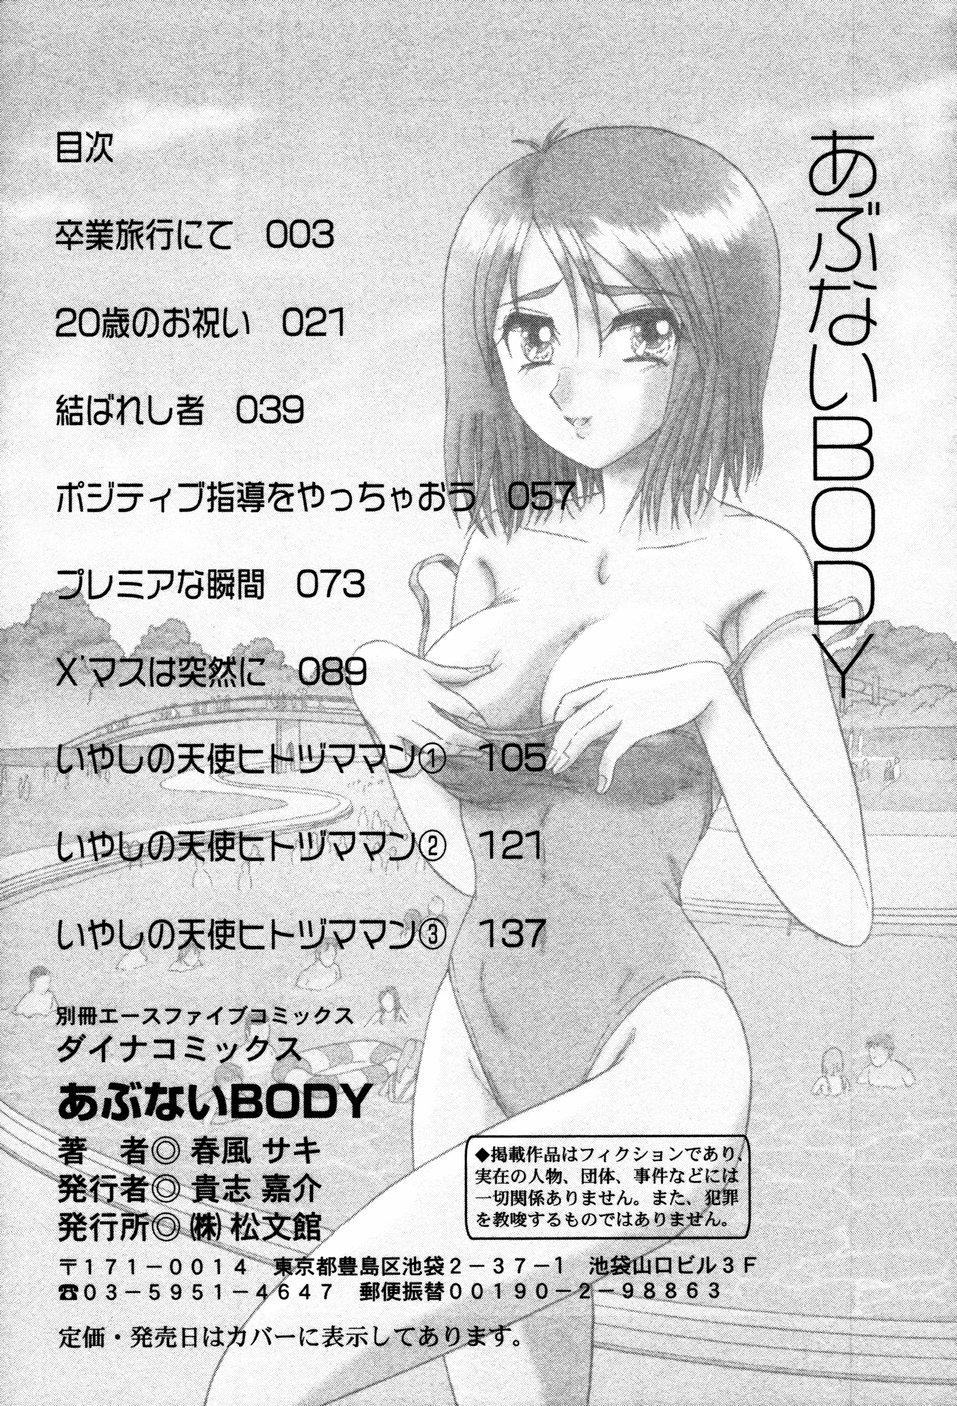 Abunai BODY 157